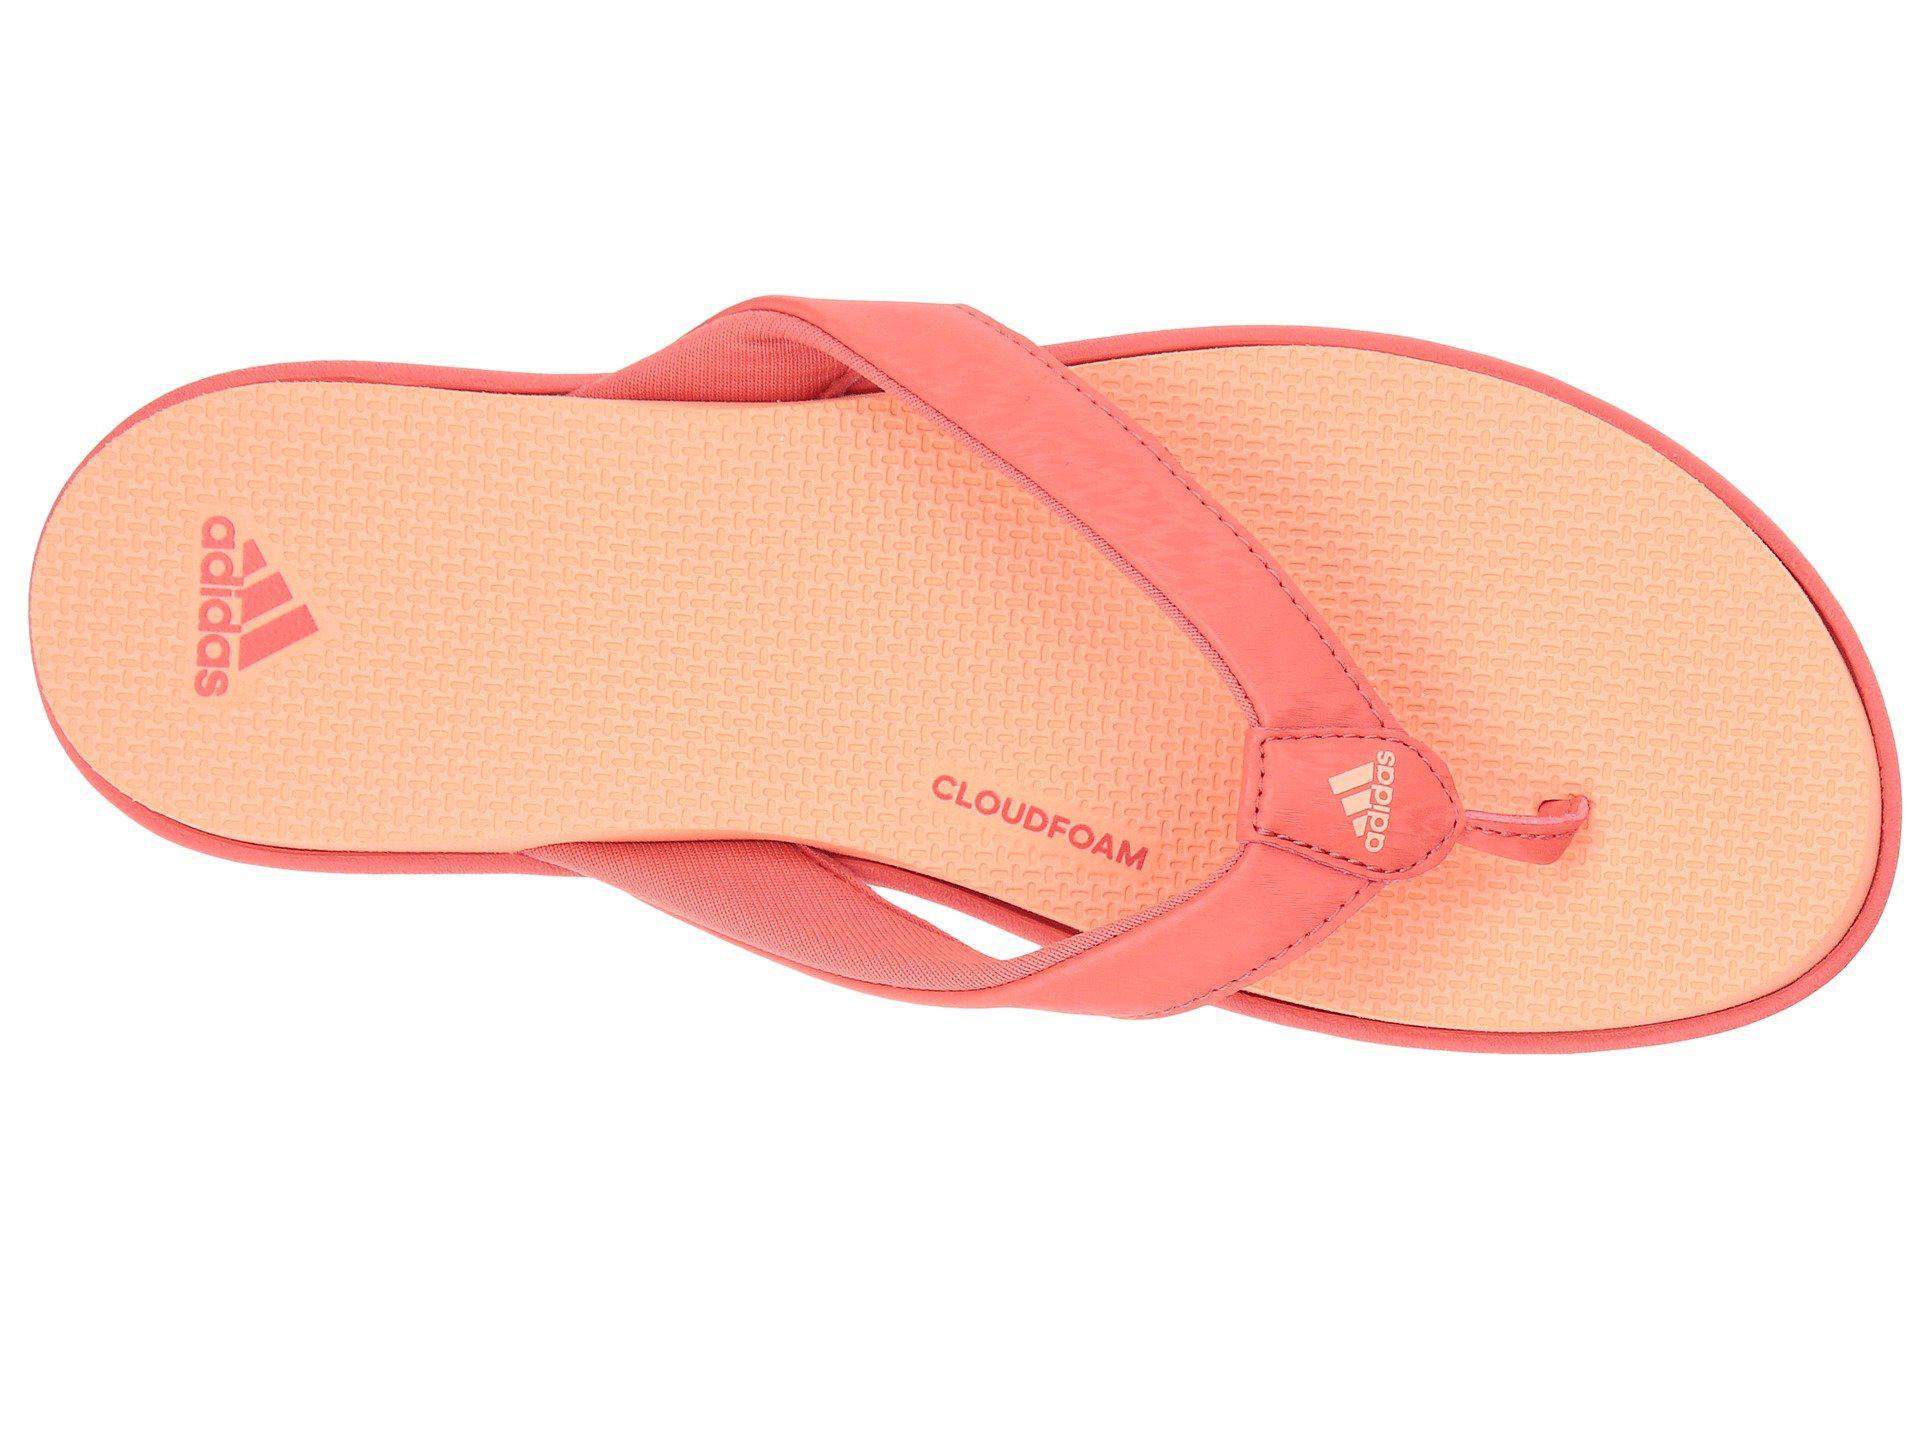 e5f56f7a3 Adidas - Pink Cloudfoam One Y - Lyst. View fullscreen